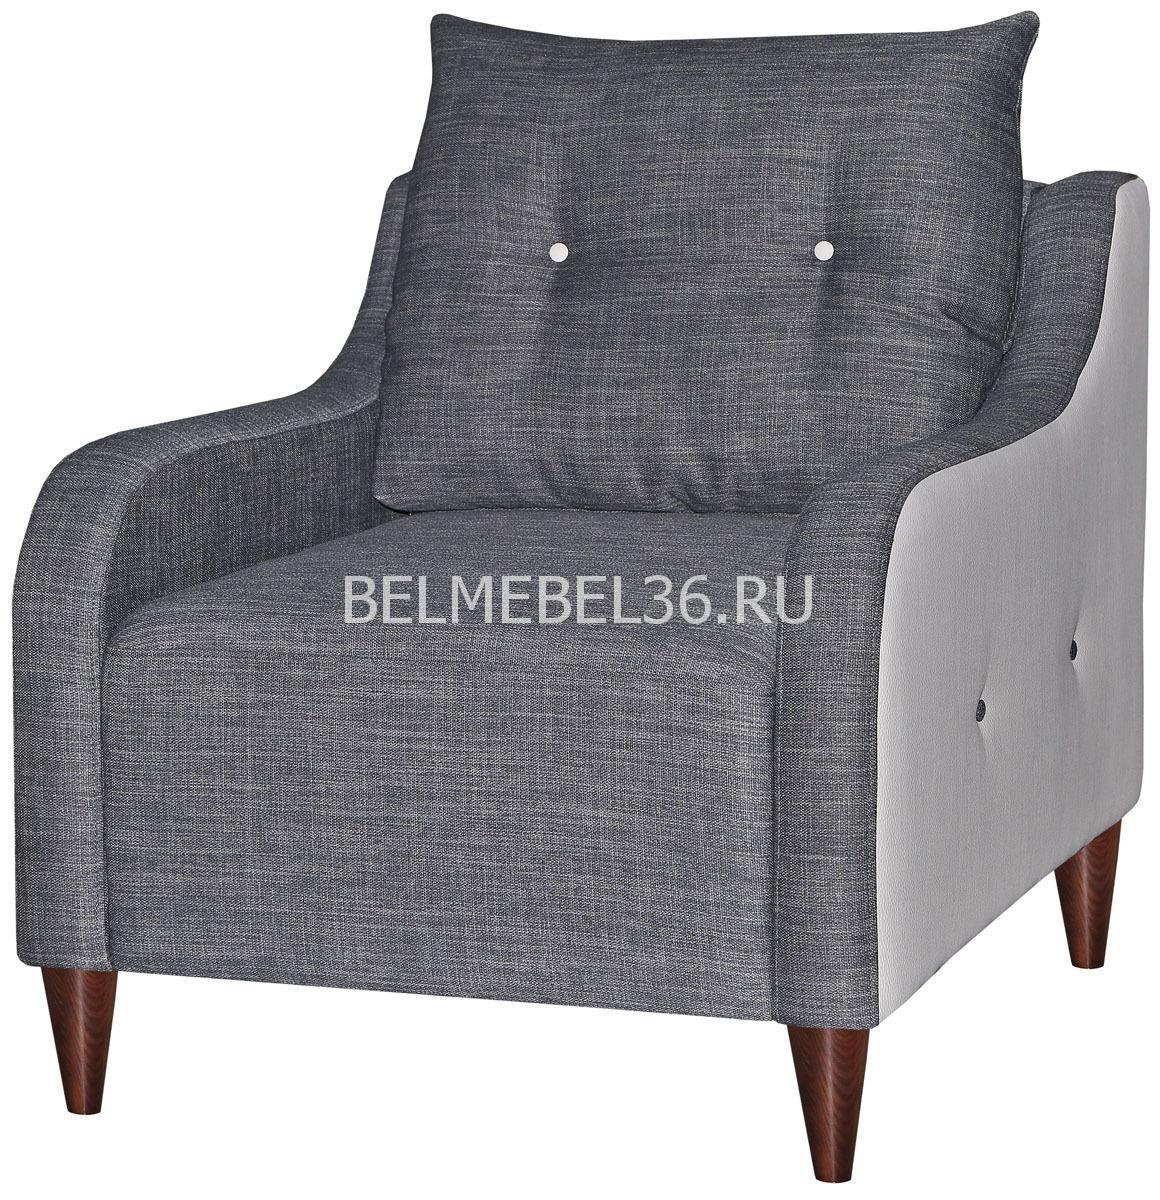 Кресло Дженсен (12) П-Д144 | Белорусская мебель в Воронеже